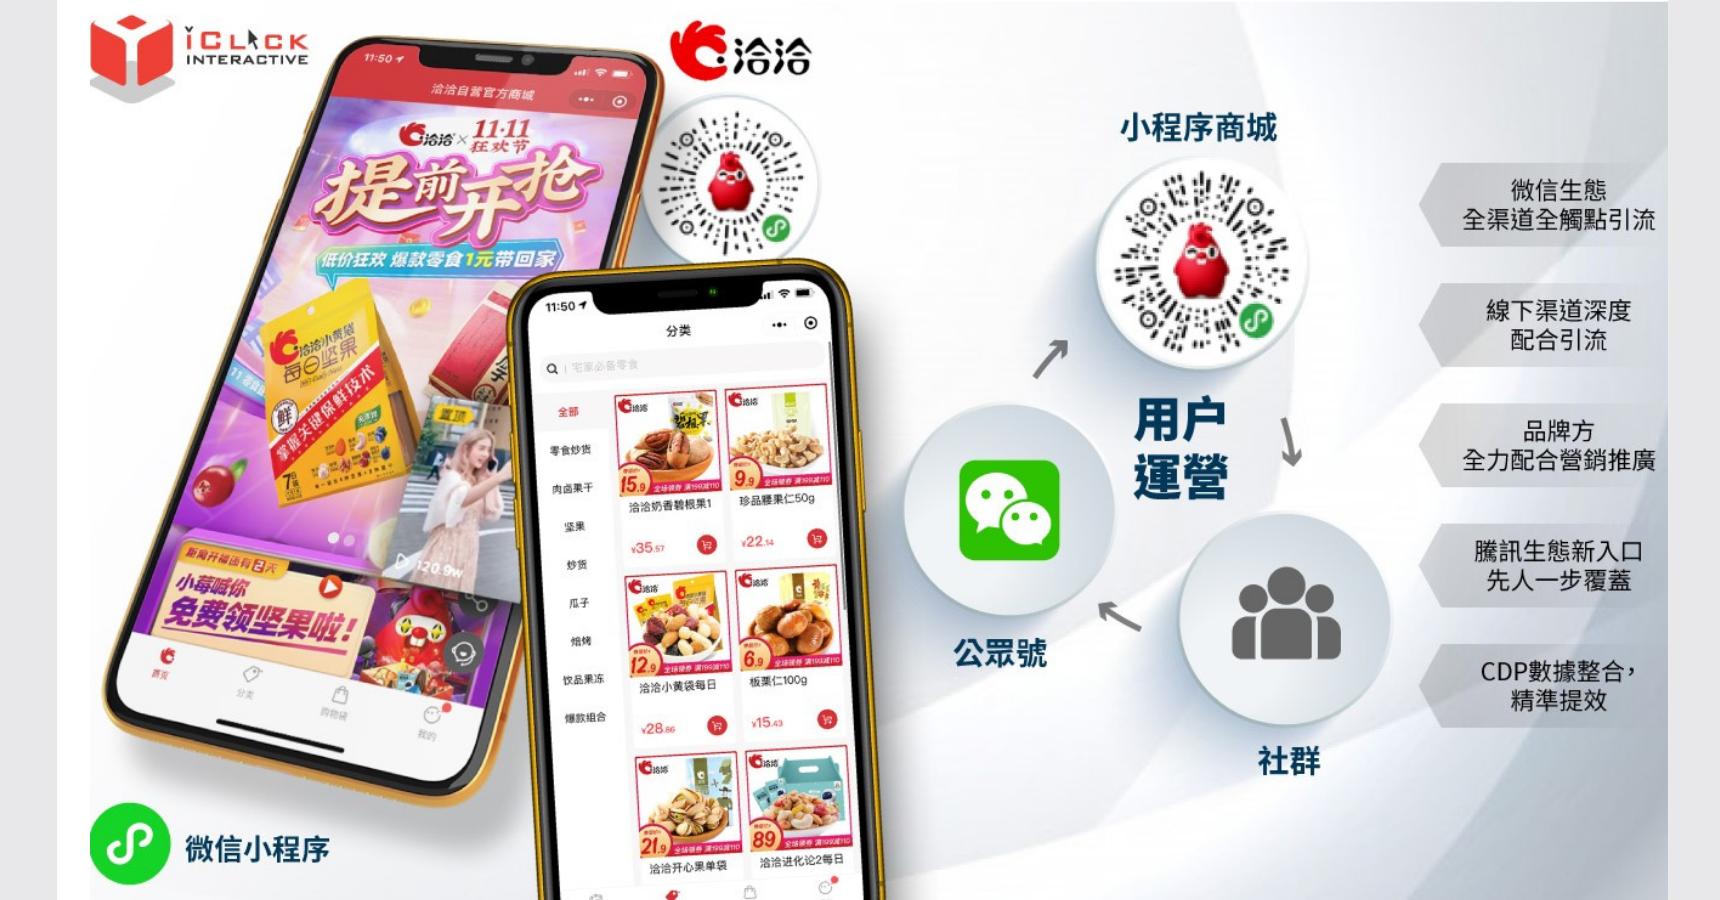 Robust Growth of QiaQia Food's WeChat Mini-Program